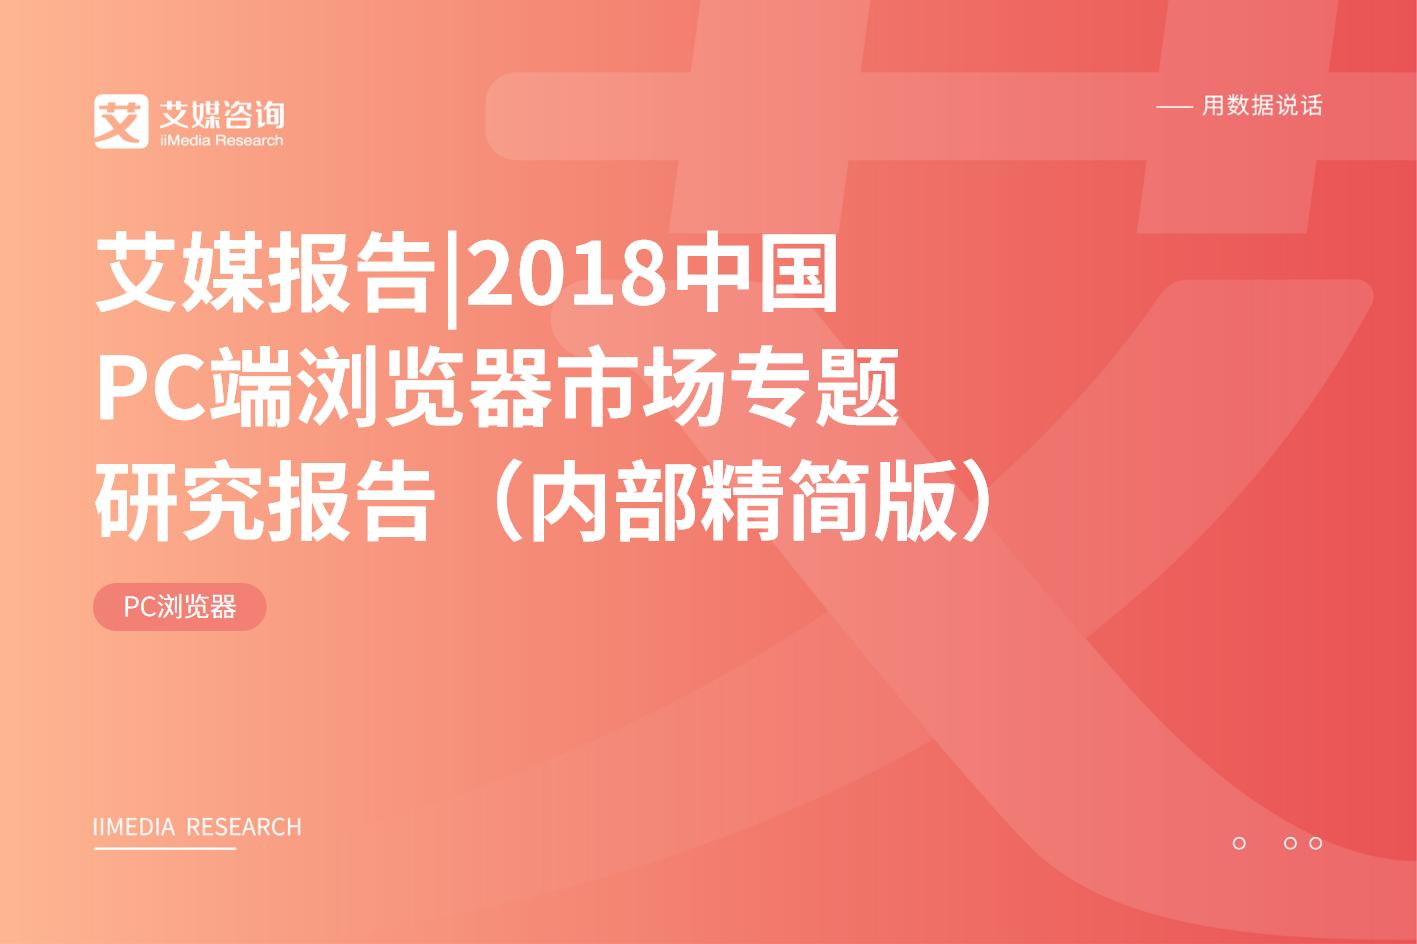 艾媒报告 2018中国PC端浏览器市场专题研究报告(内部精简版)